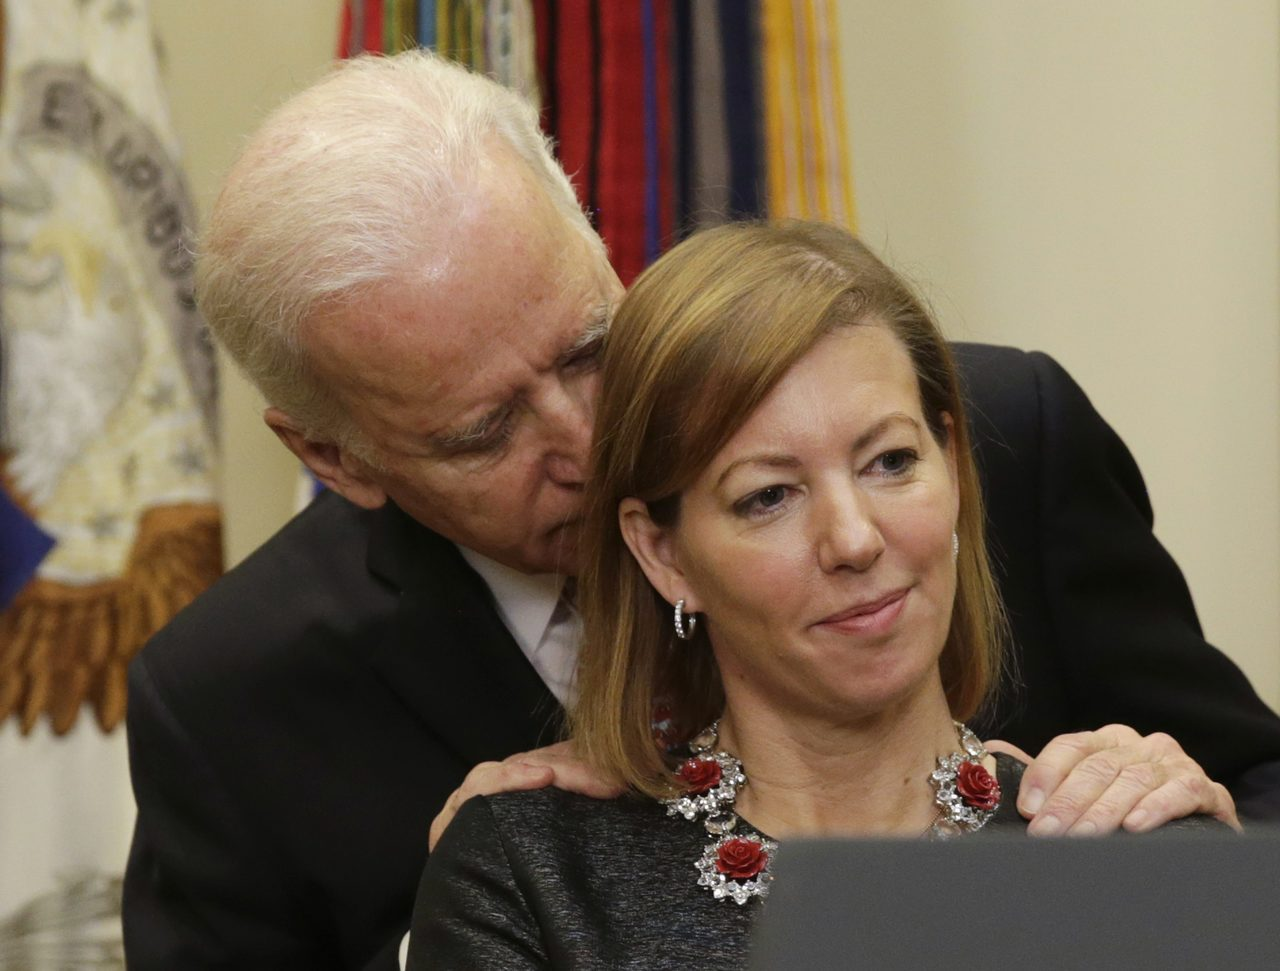 拜登2015年在美國防長卡特宣誓就職典禮上,對卡特妻子史蒂芬妮的動作引起非議。 ...